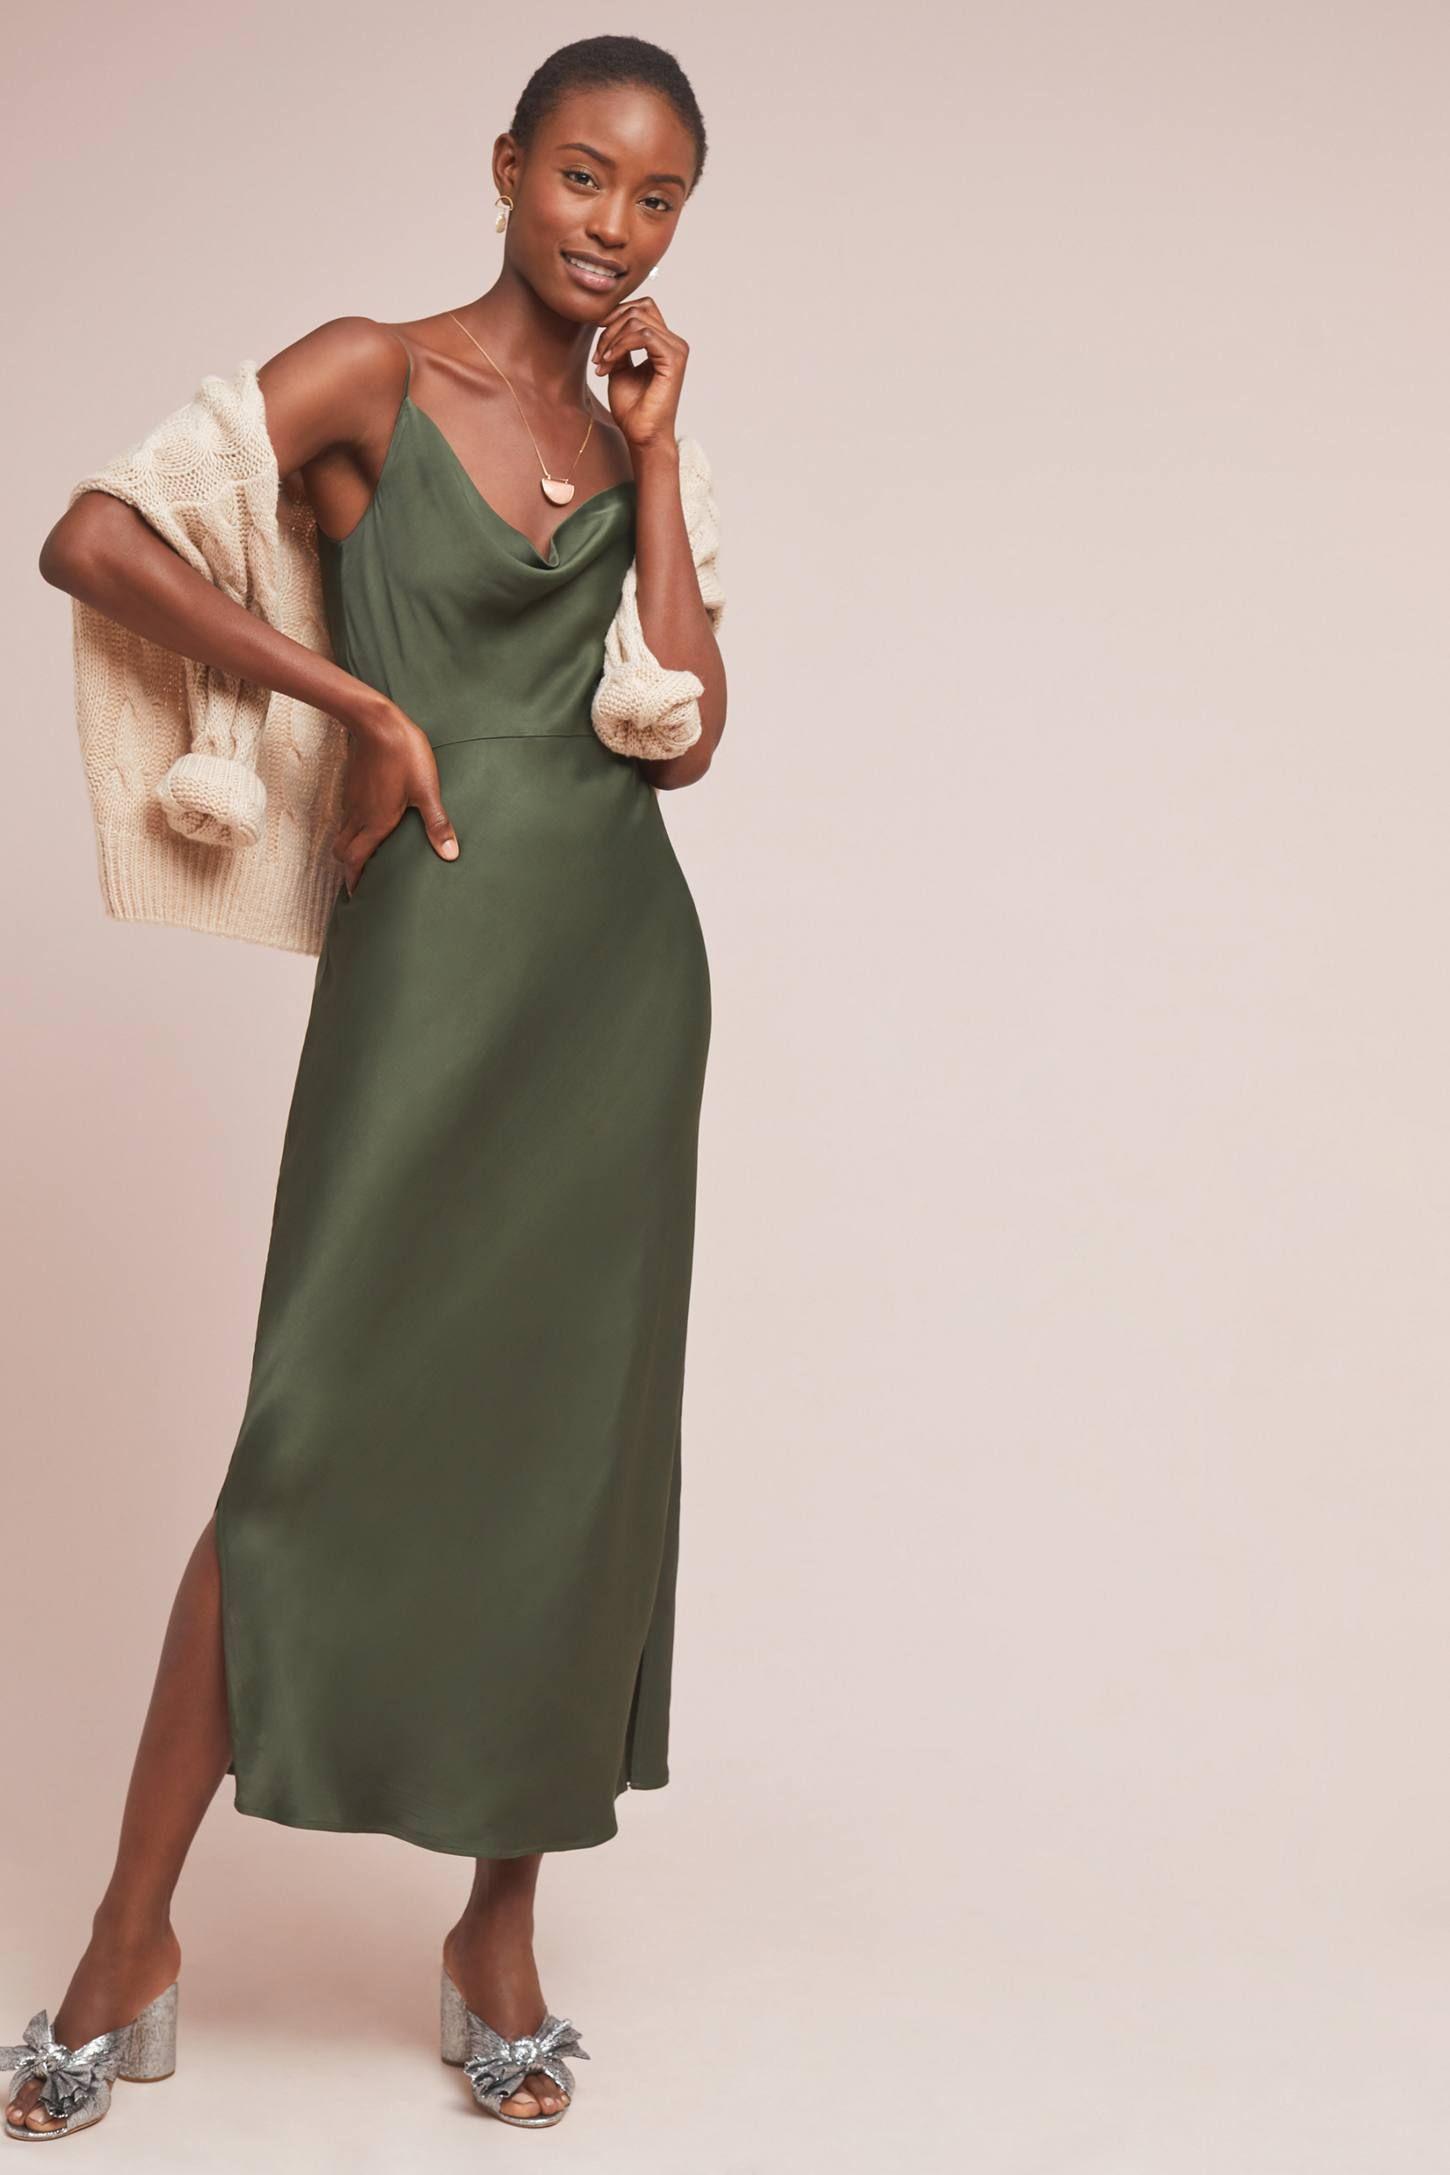 b6c1d614d0fa Bias Slip Dress in 2019 | style.jordan | Fashion, Dresses, Slip on